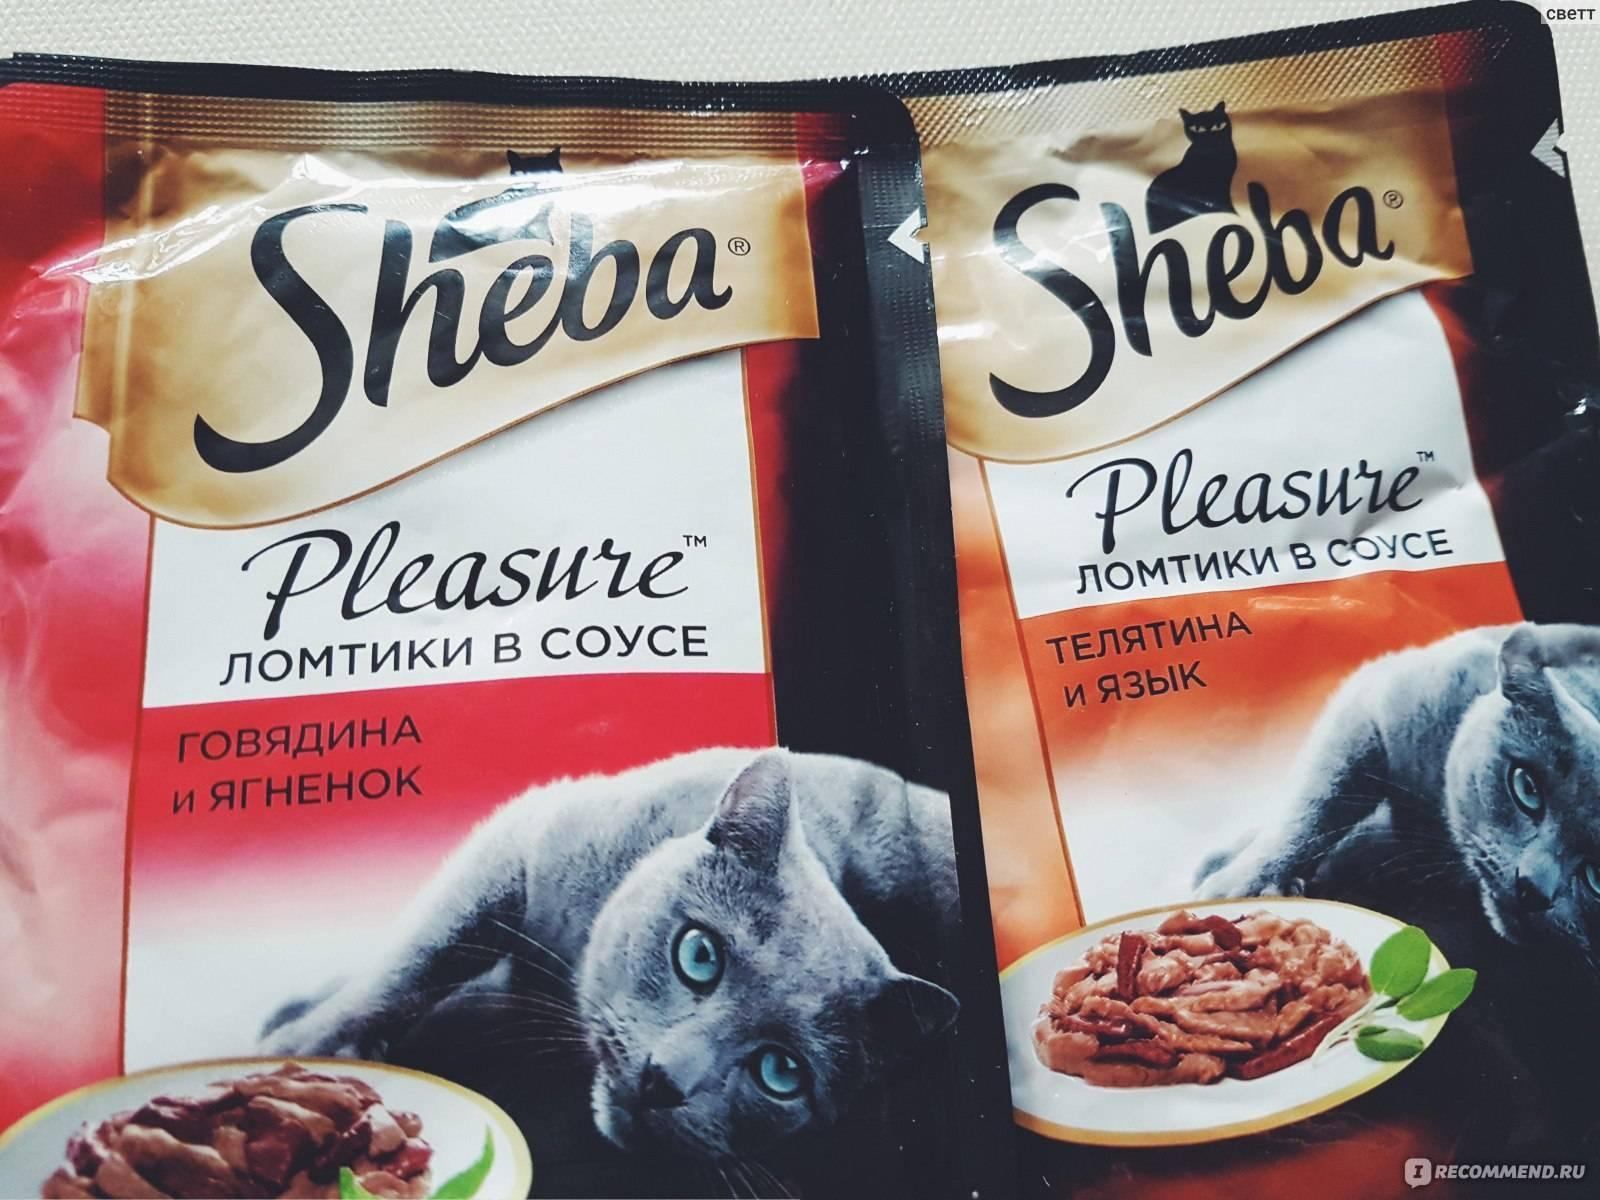 «шеба» (sheba) корм для кошек: обзор, состав, ассортимент, плюсы и минусы, отзывы ветеринаров и владельцев